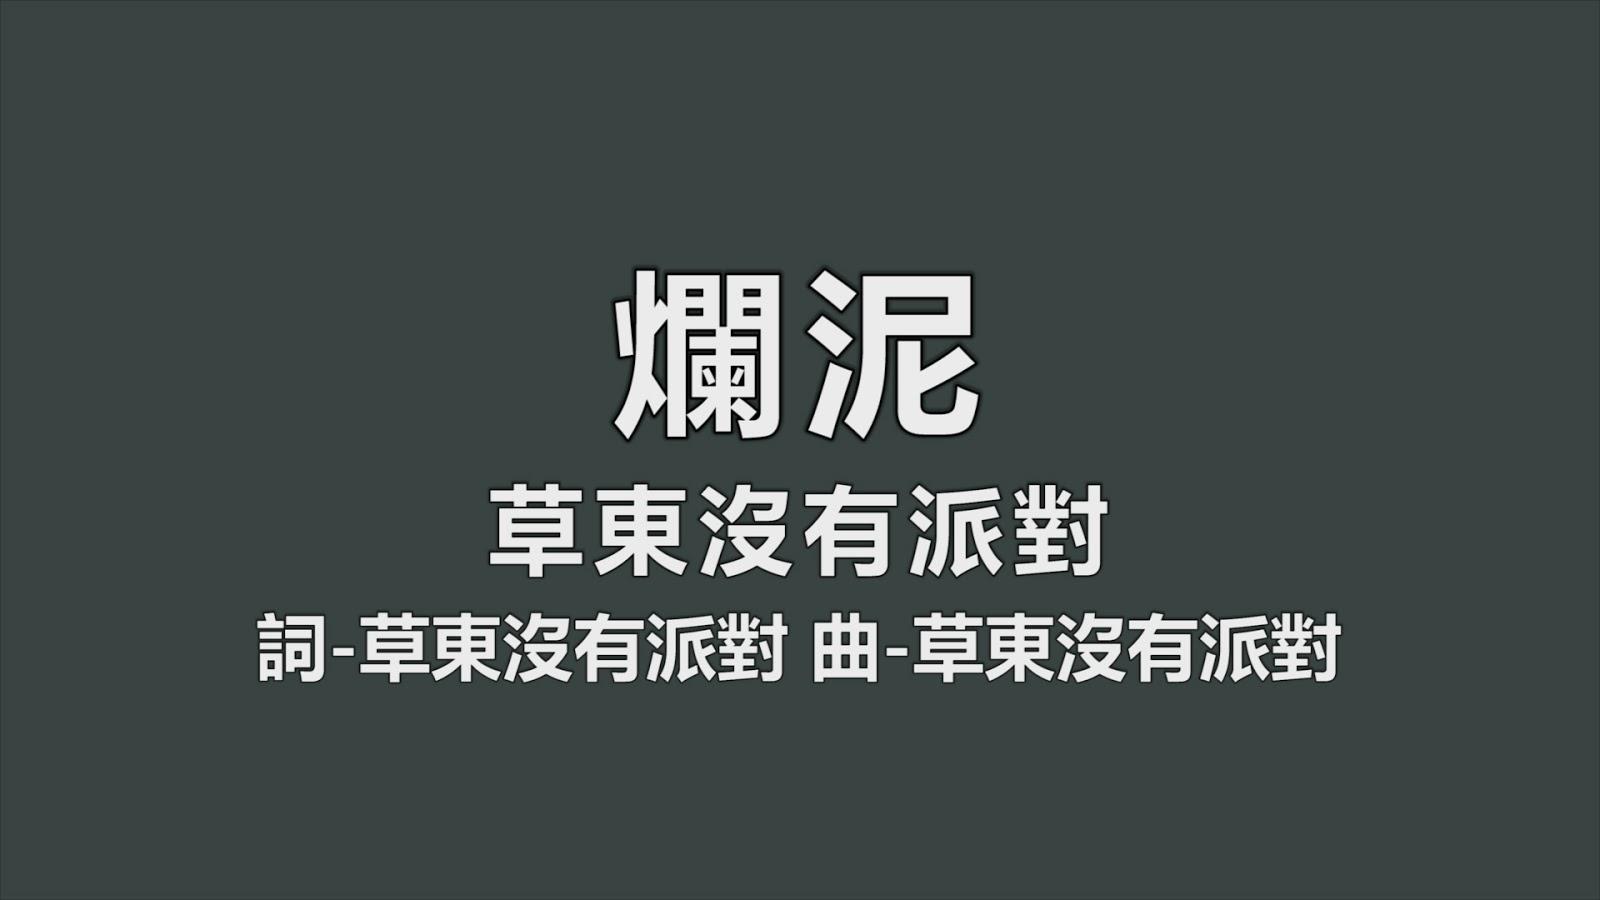 音樂暫留藝術: 草東沒有派對 爛泥【醇歌詞/Lyrics】